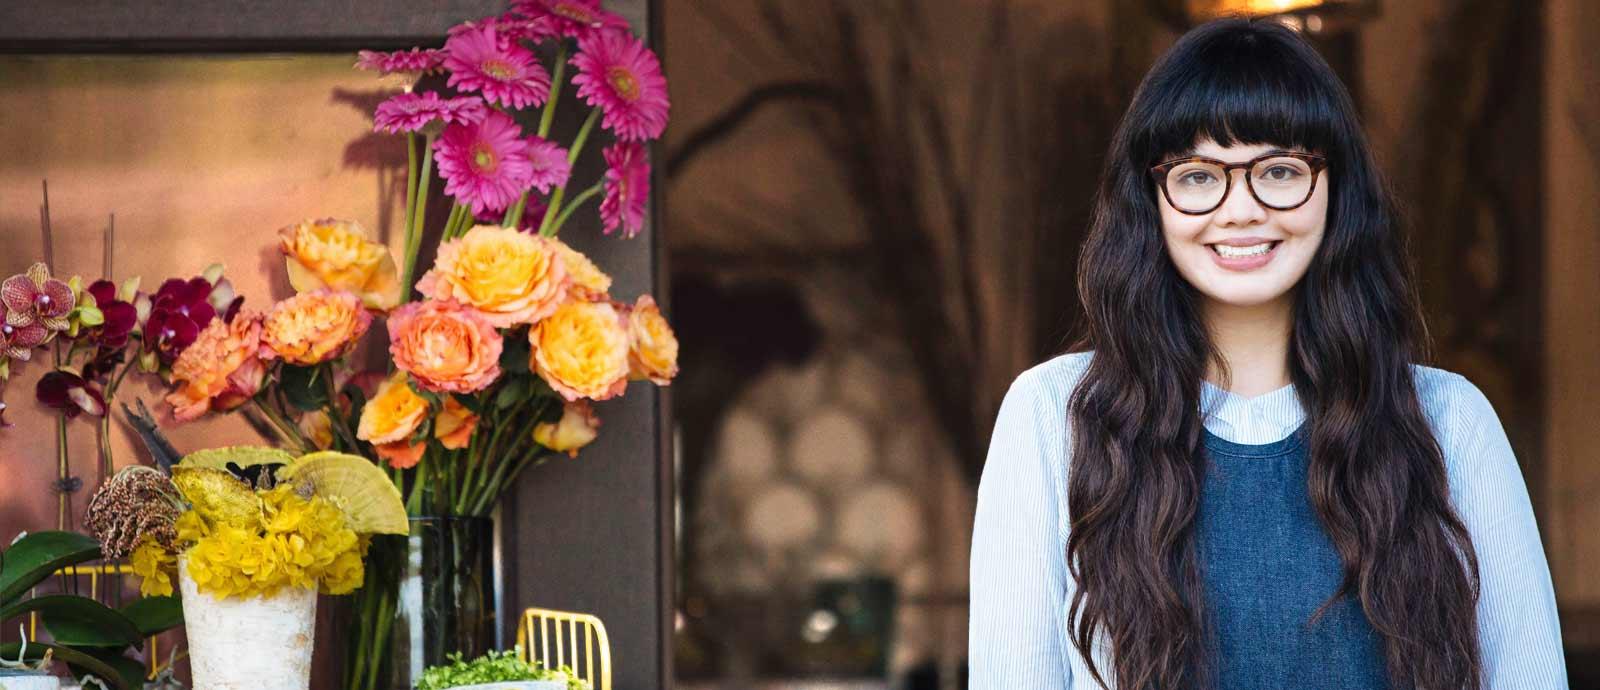 En ung kvinna i glasögon ler där hon står utomhus vid vaser fyllda med snittblommor.